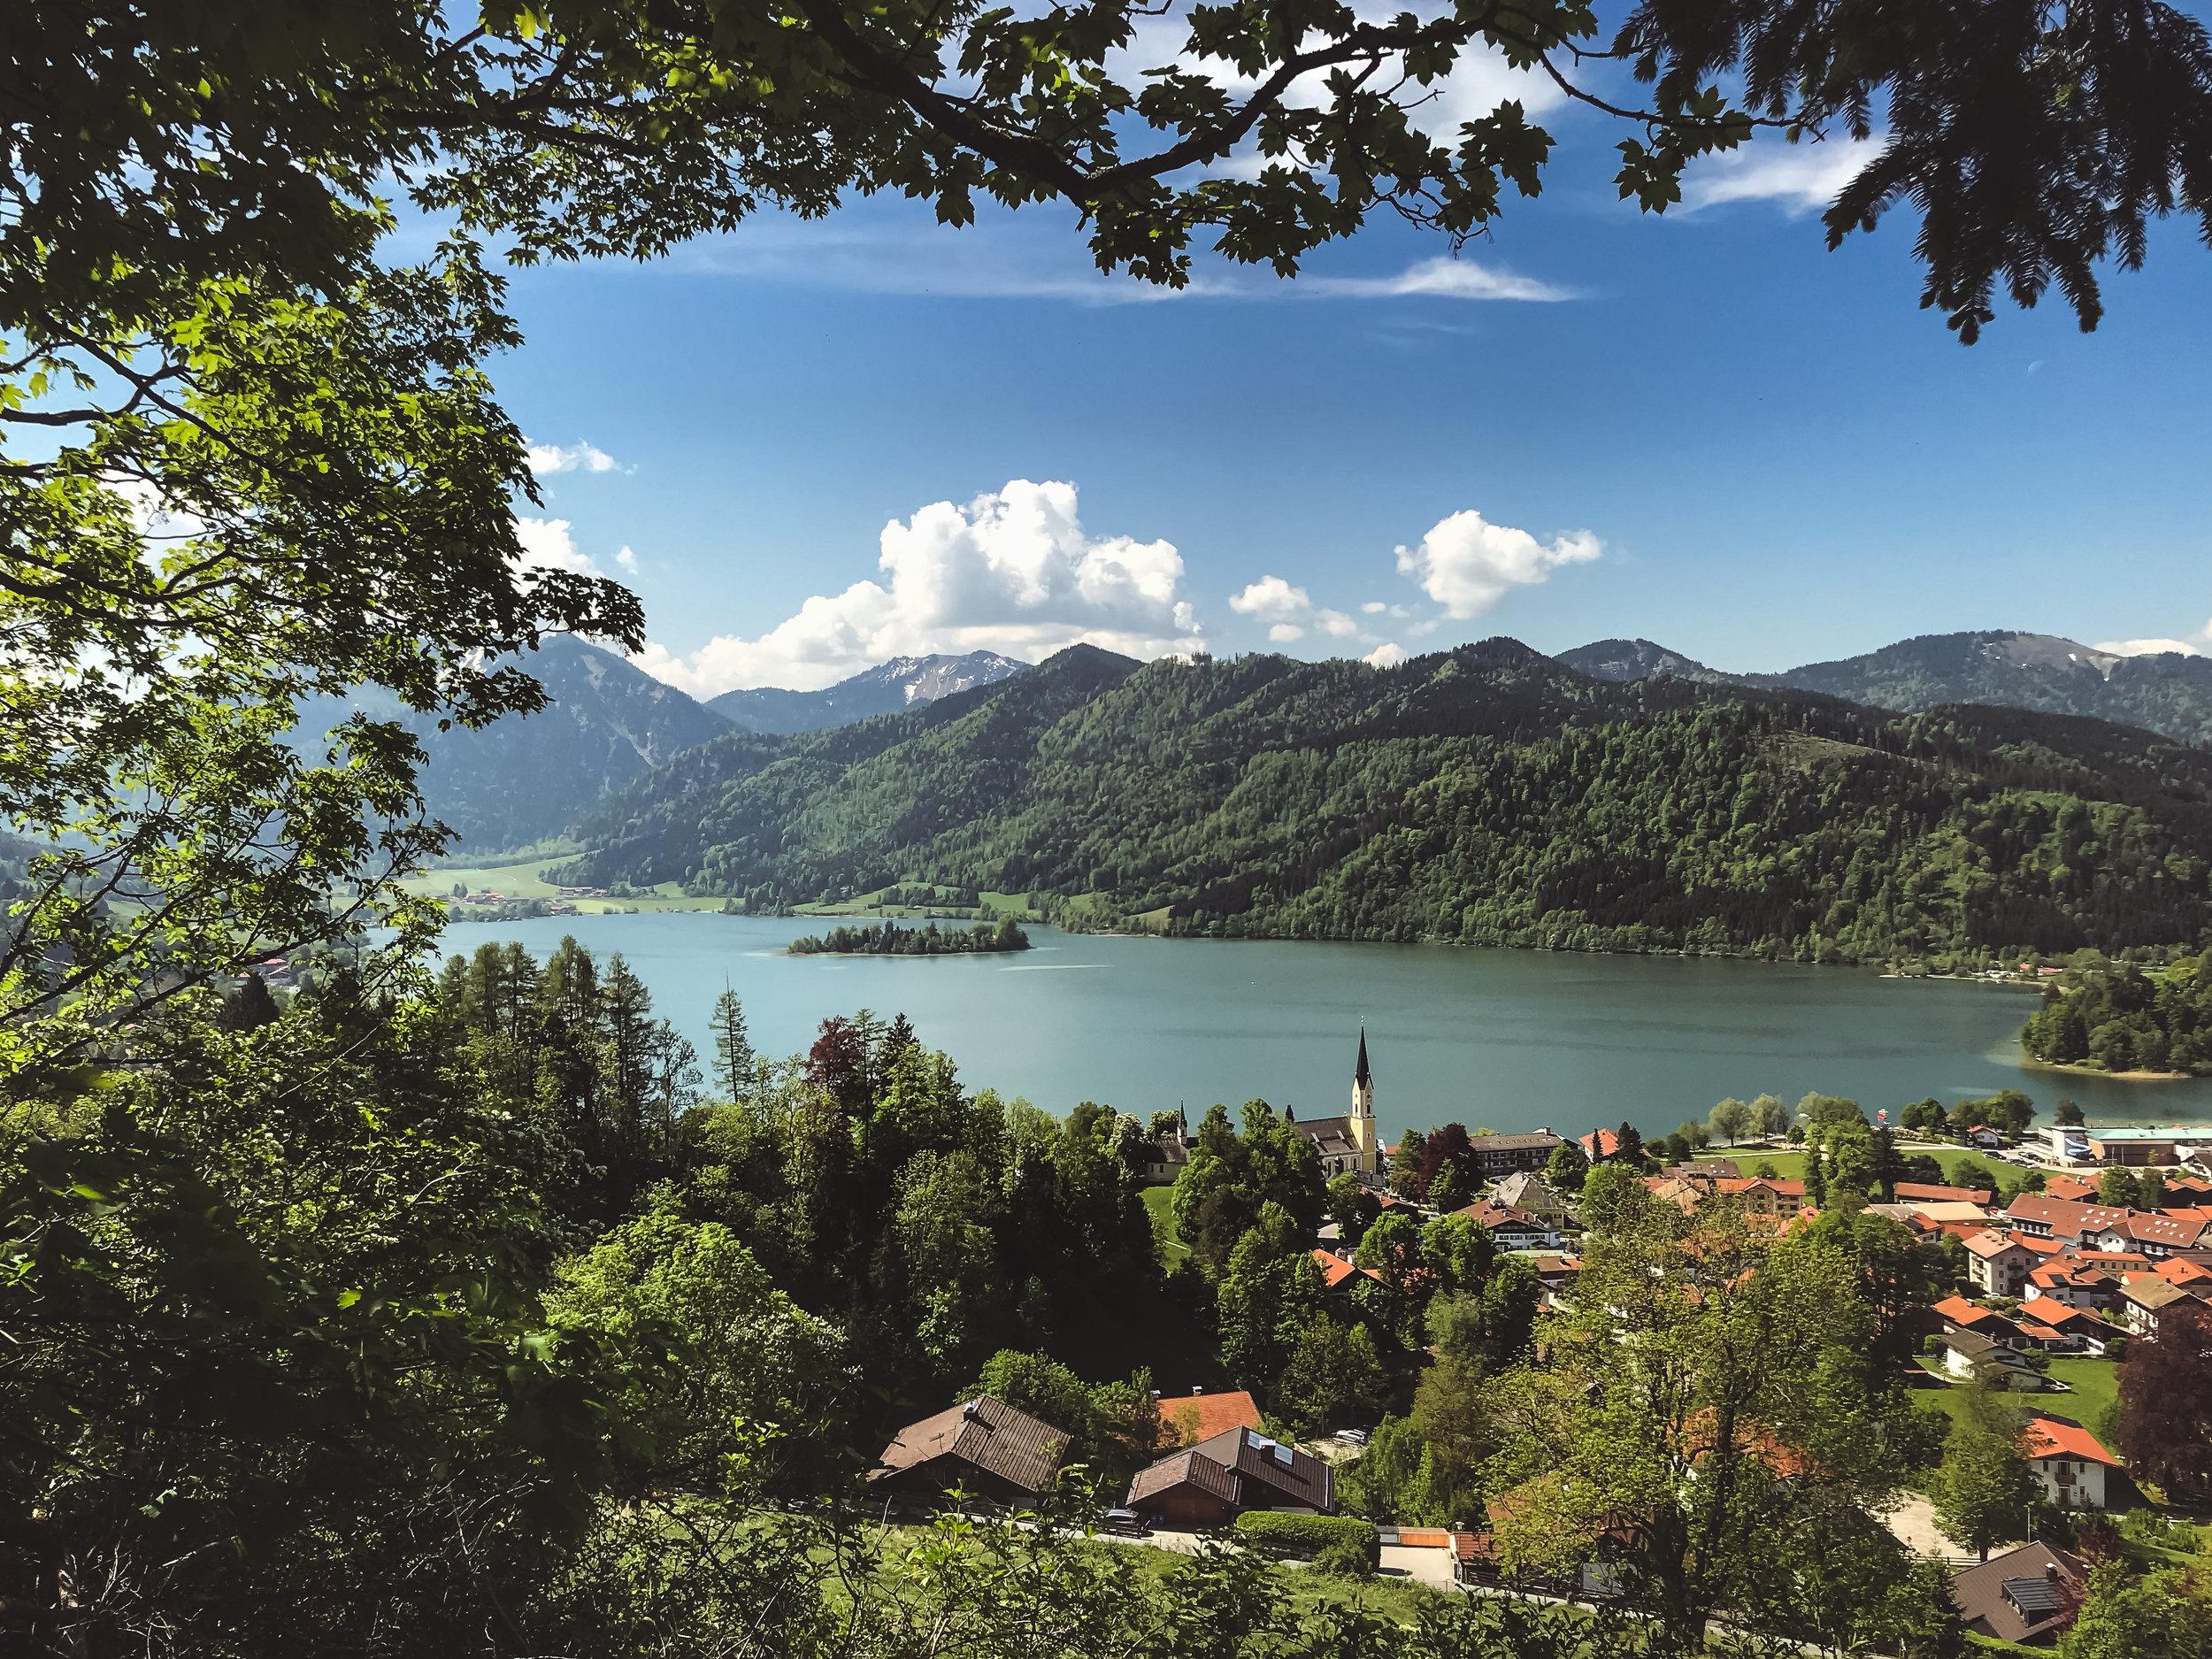 第一天工作坊地點:施利爾塞湖 Schliersee